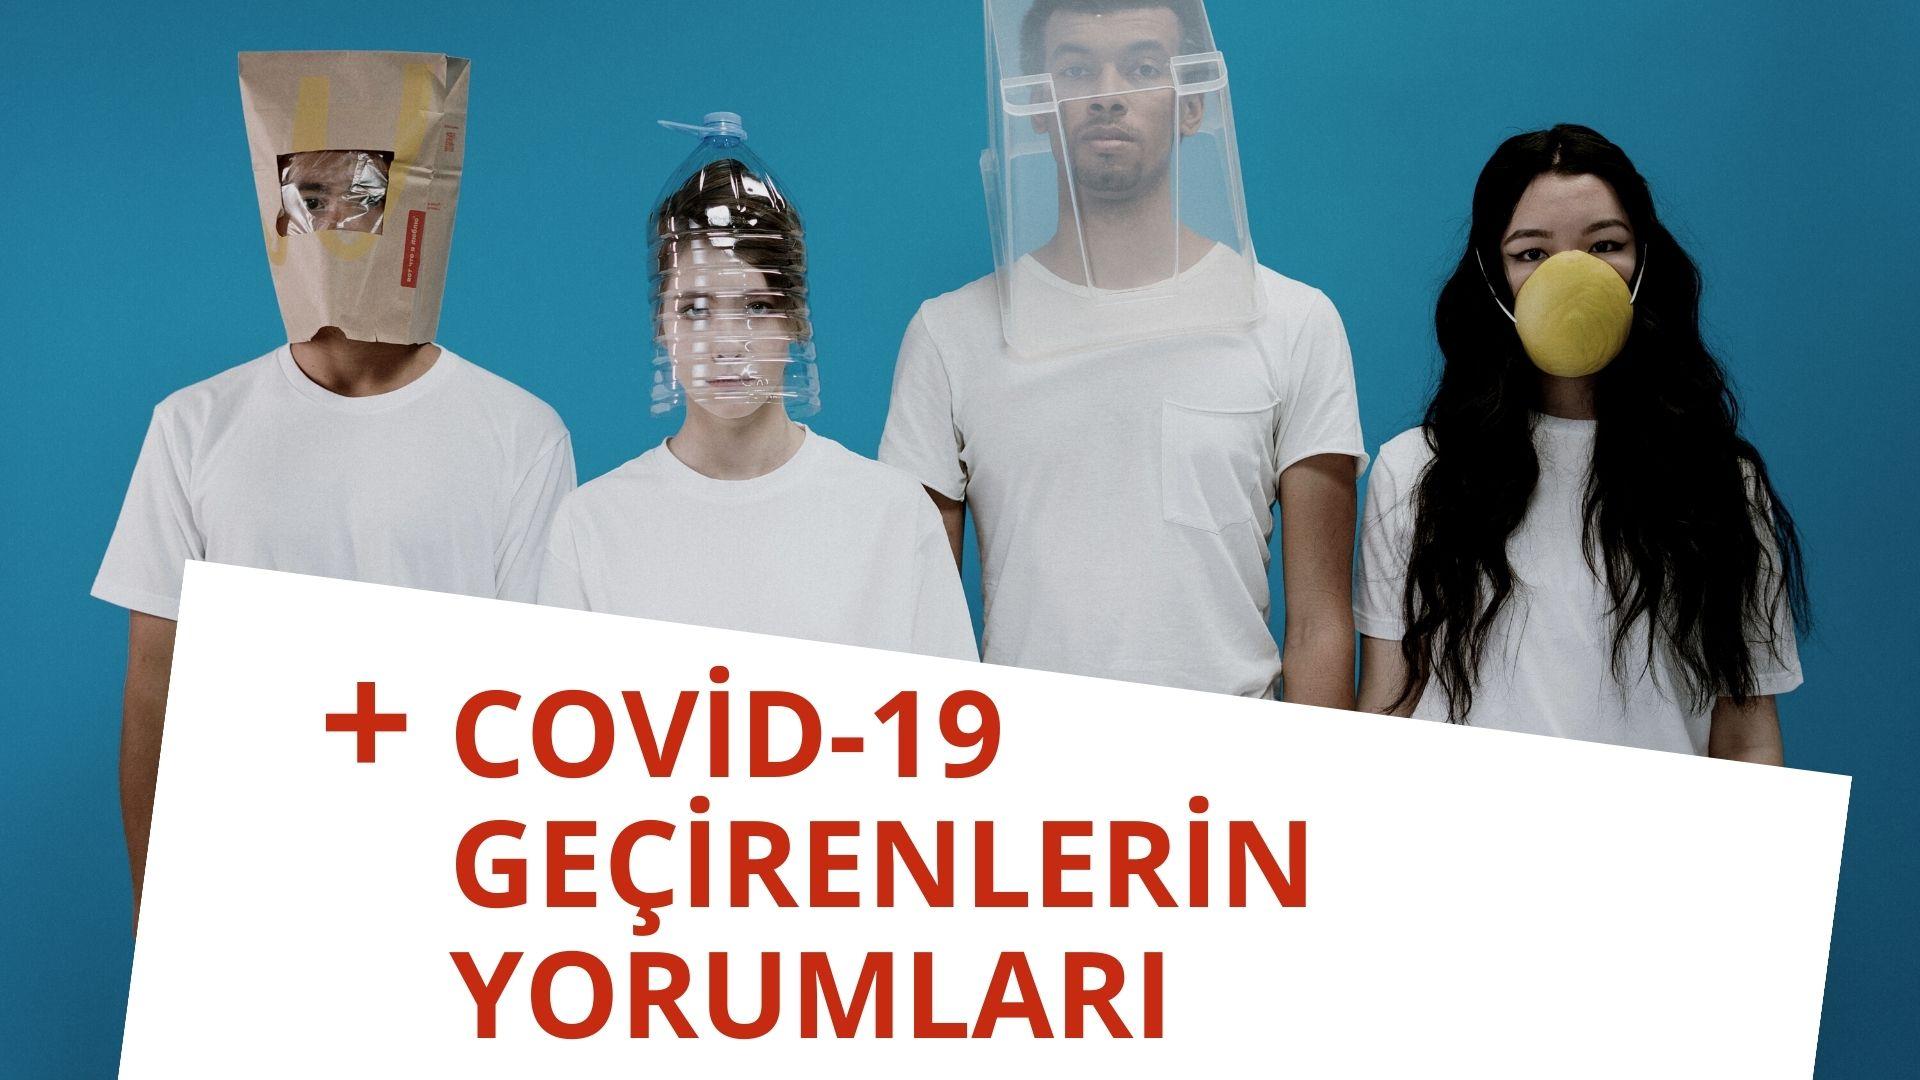 Covid-19 Geçirenlerin Yorumları